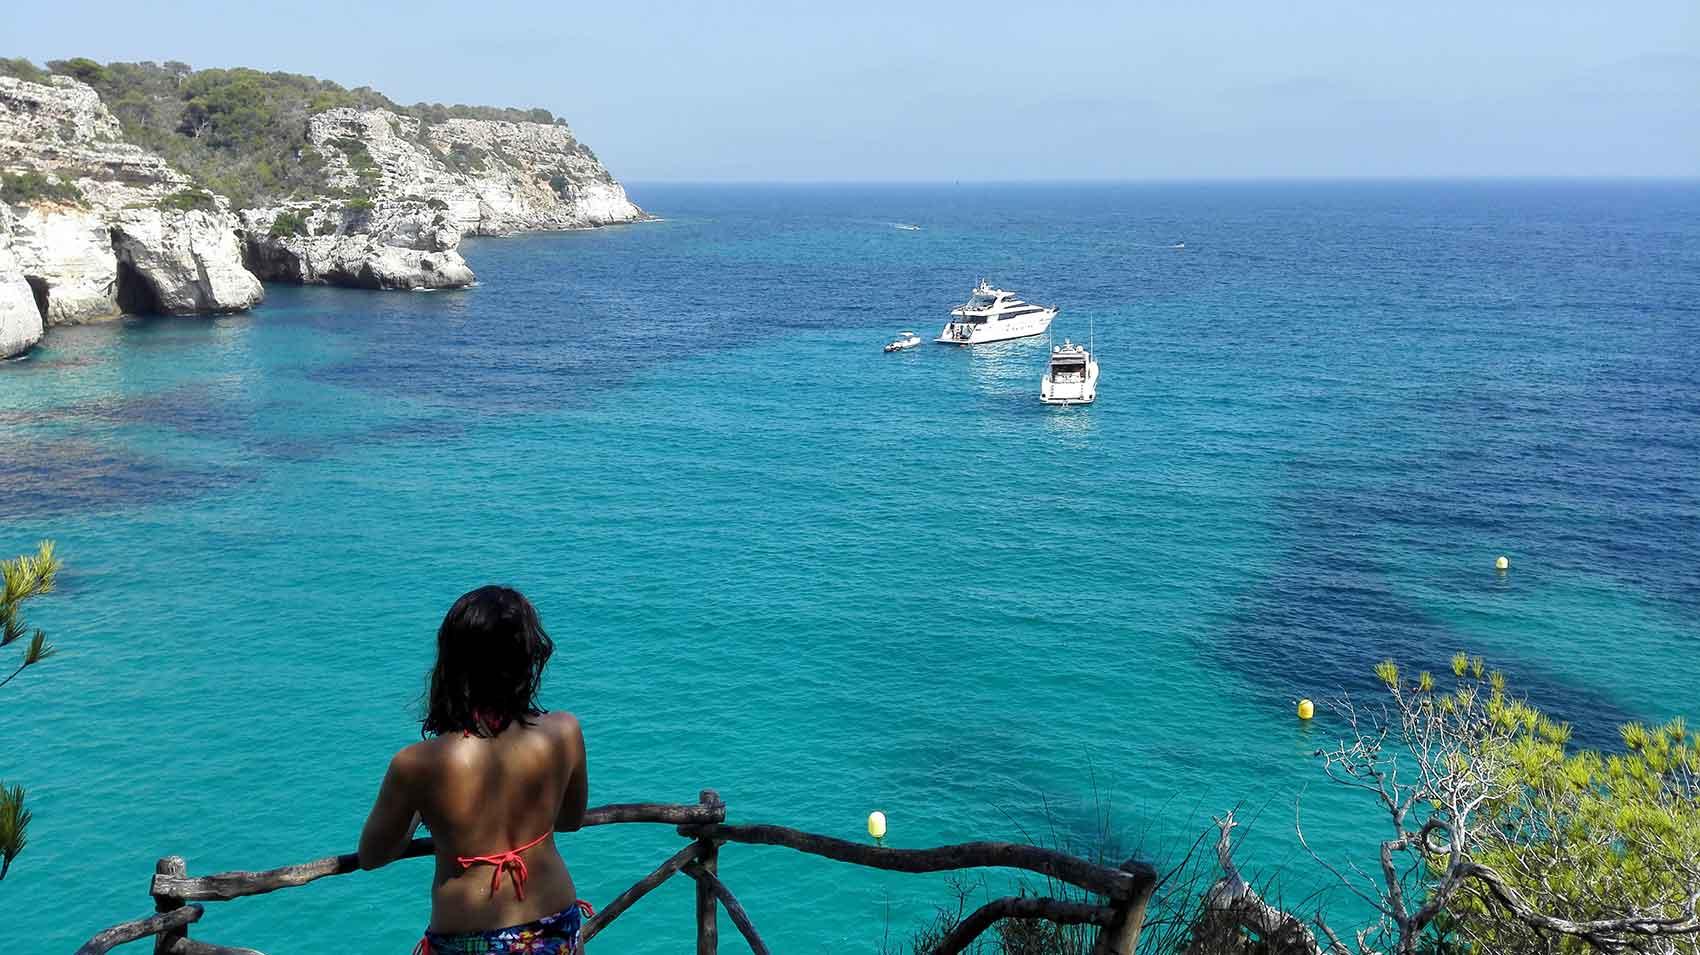 Anaïs perchée sur les falaises de la Cala Macarella, avec une belle vue sur la mer Méditerranée.